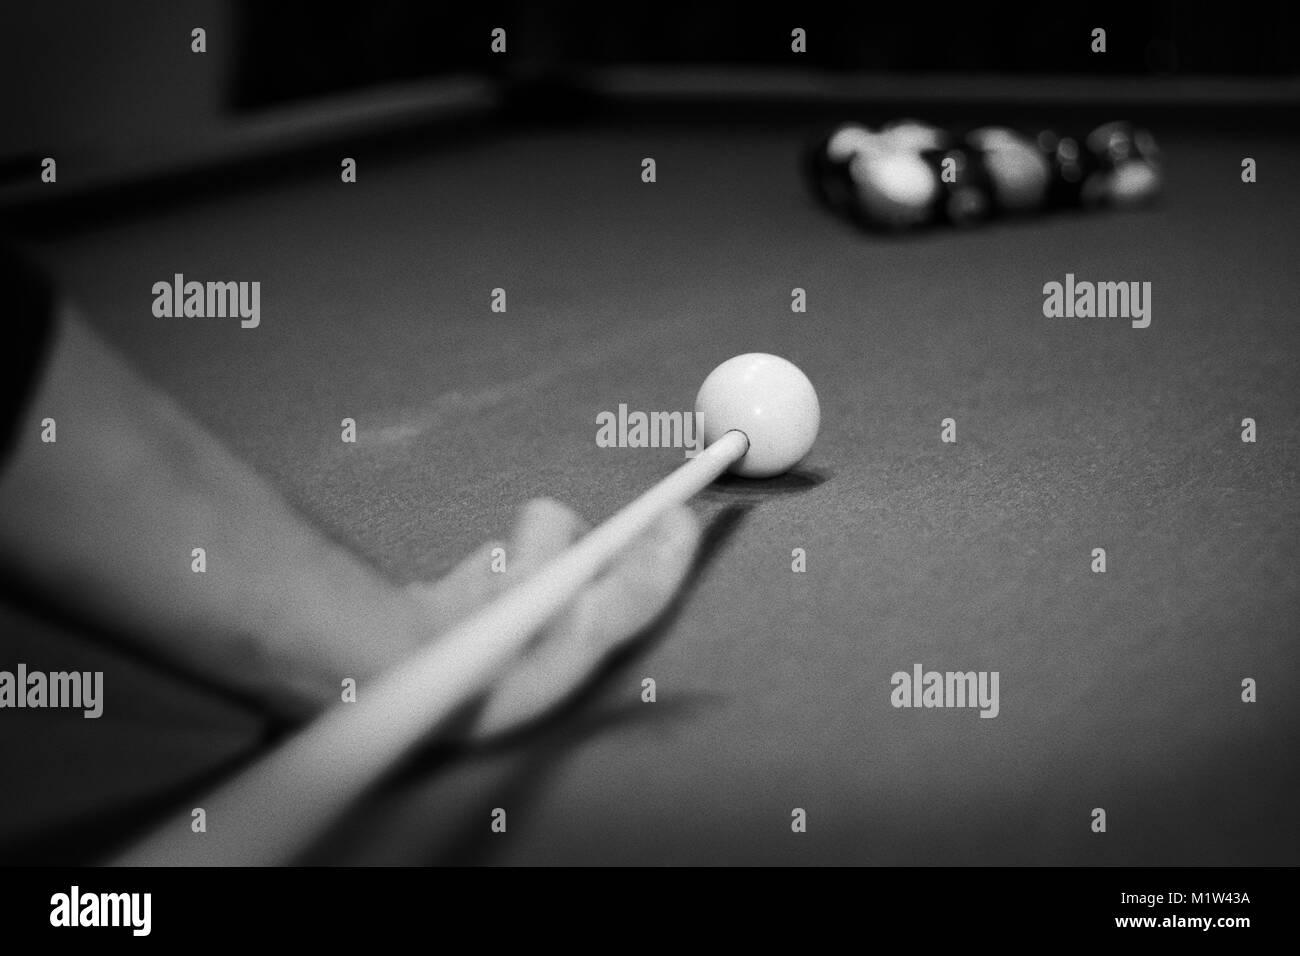 Un hombre jugando billar tirar en blanco y negro Imagen De Stock